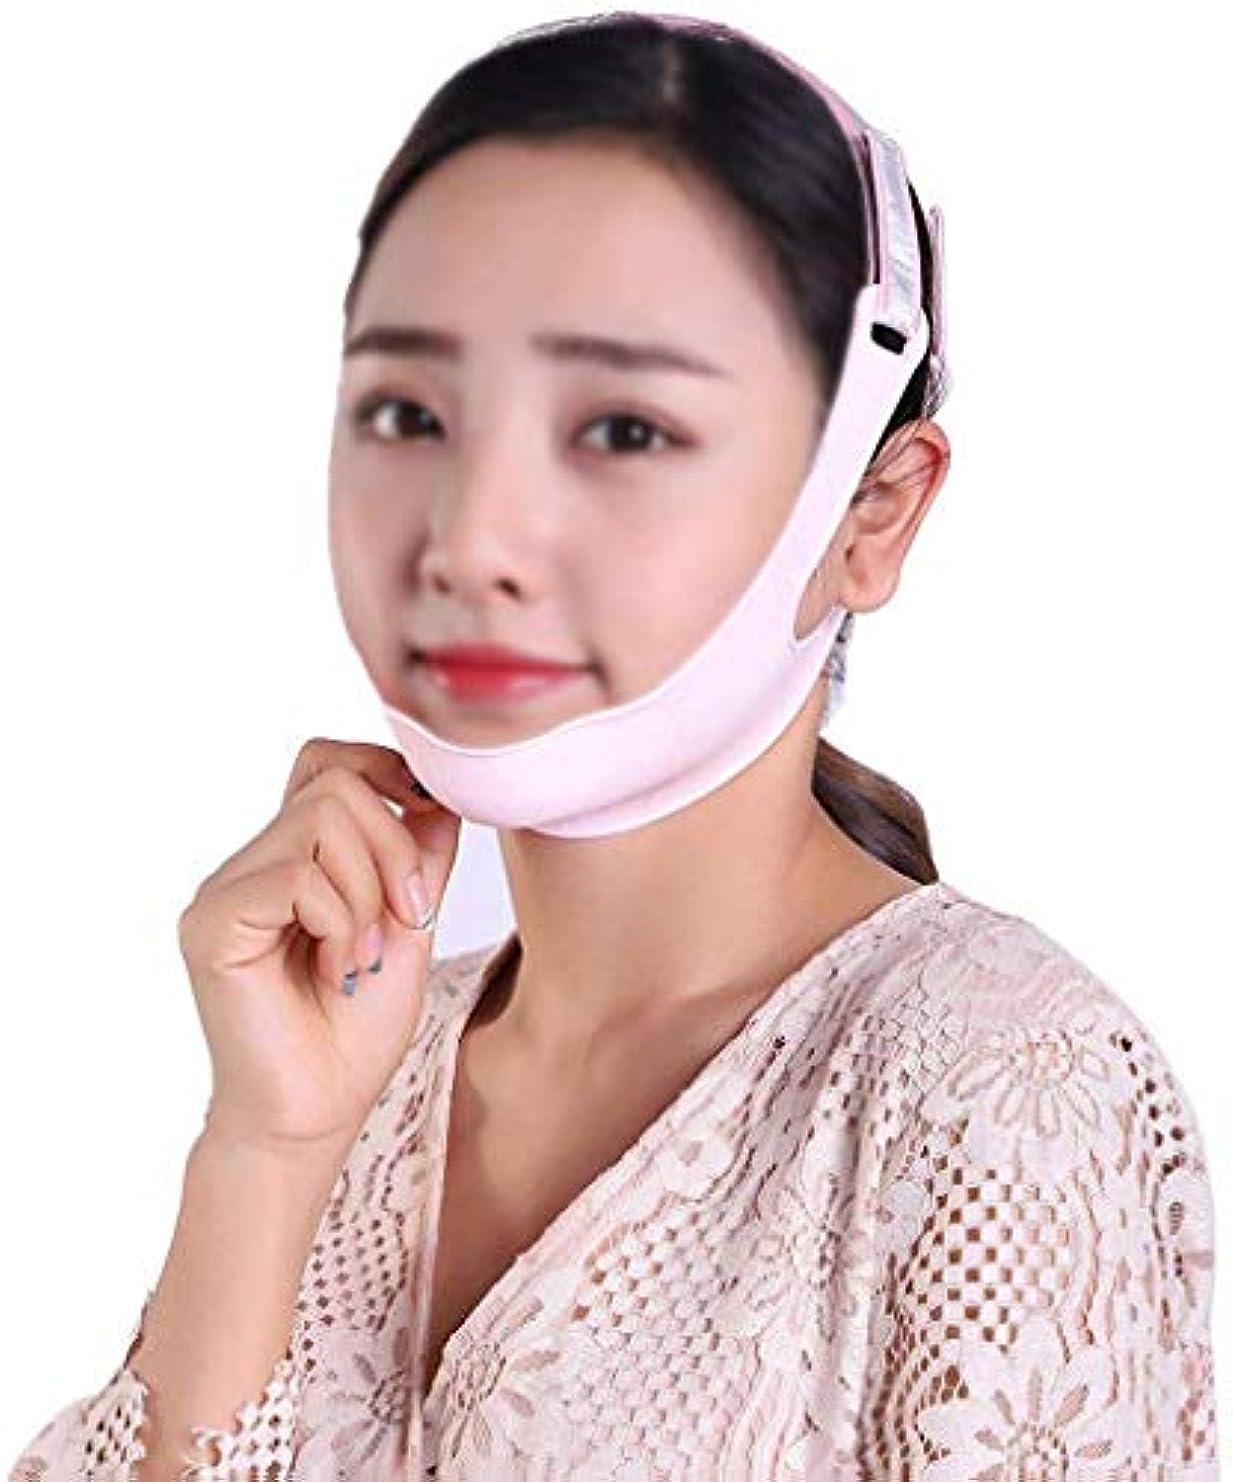 覗く化学ヒューム美容と実用的なフェイスリフトマスク、シリコンVフェイスマスクファーミング、リフティングフェイス、バンデージスモールVフェイスアーティファクトリラクゼーションフェイスとネックリフトの防止(サイズ:L)